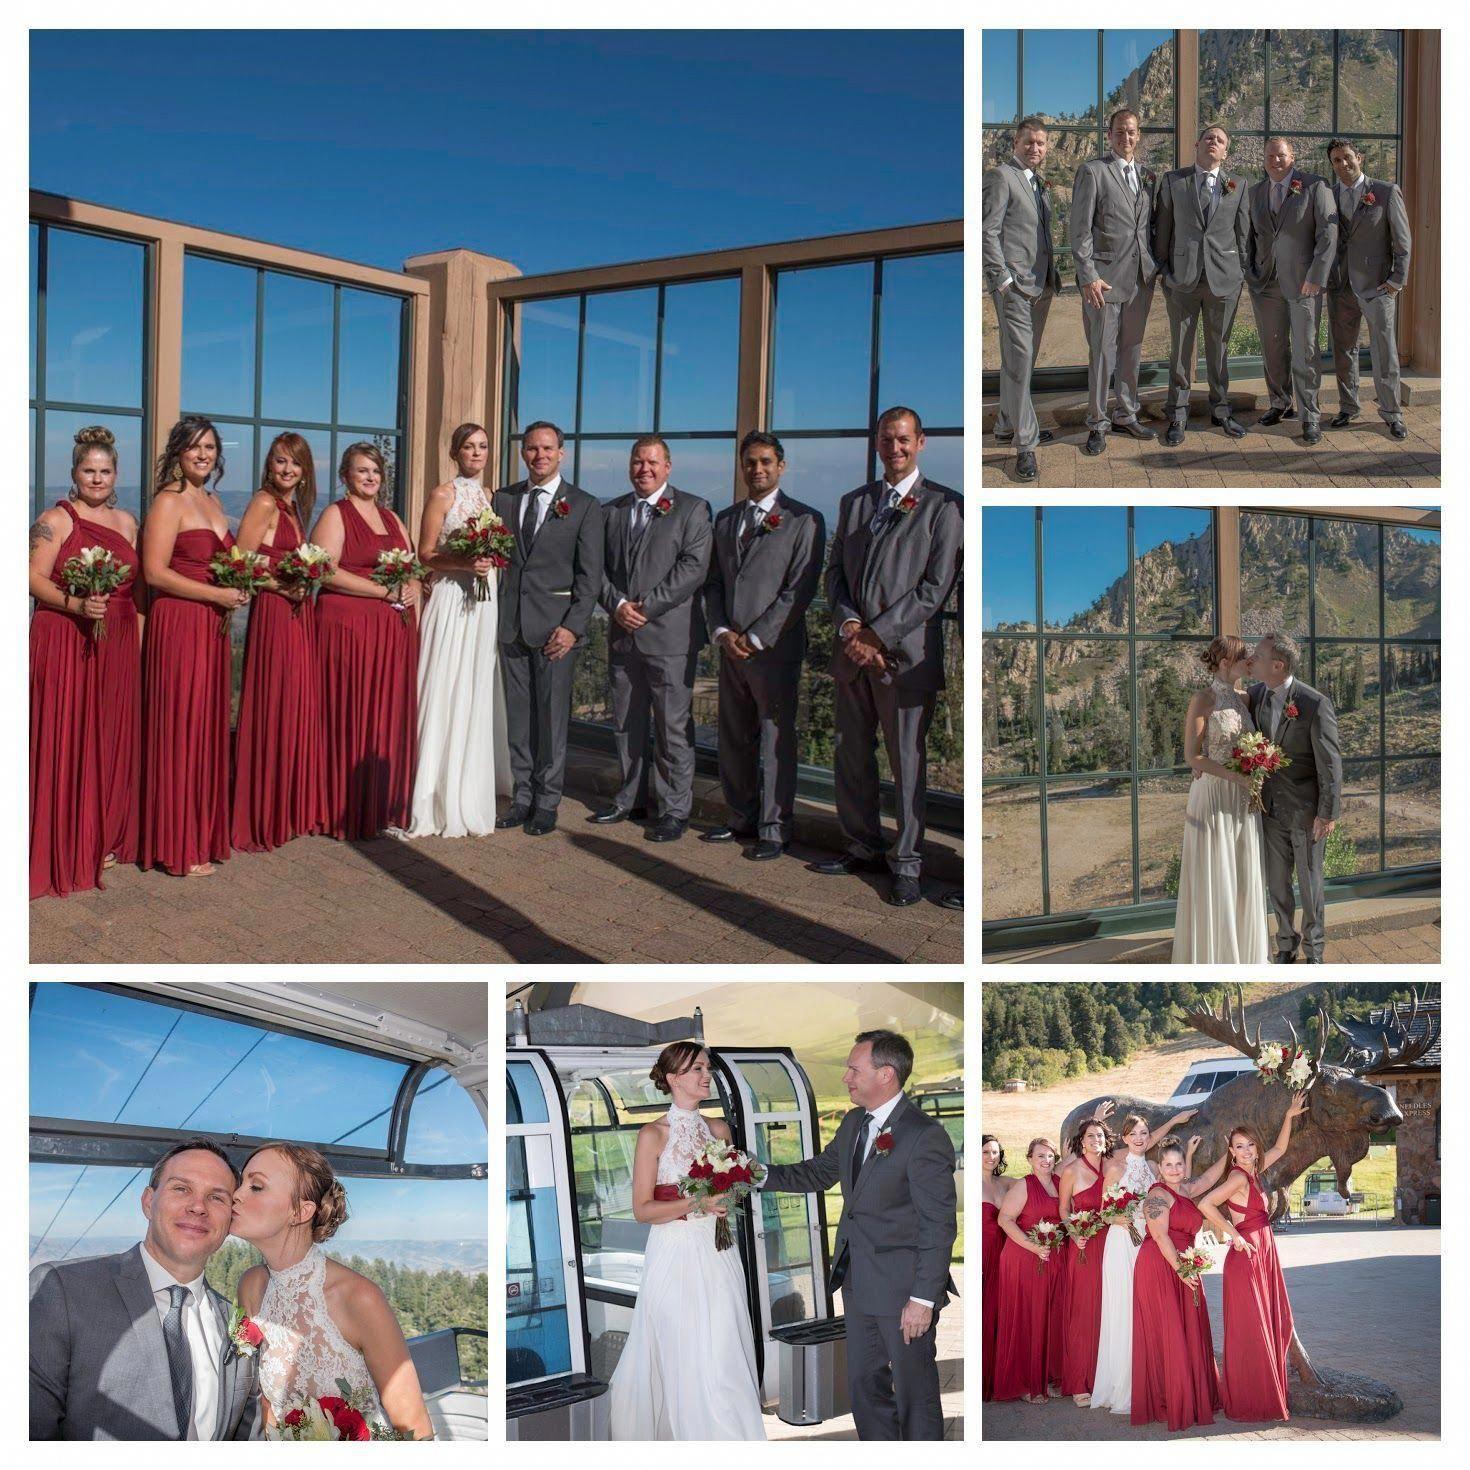 Wedding Photographers Near Me WeddingSoftwareDownload ID